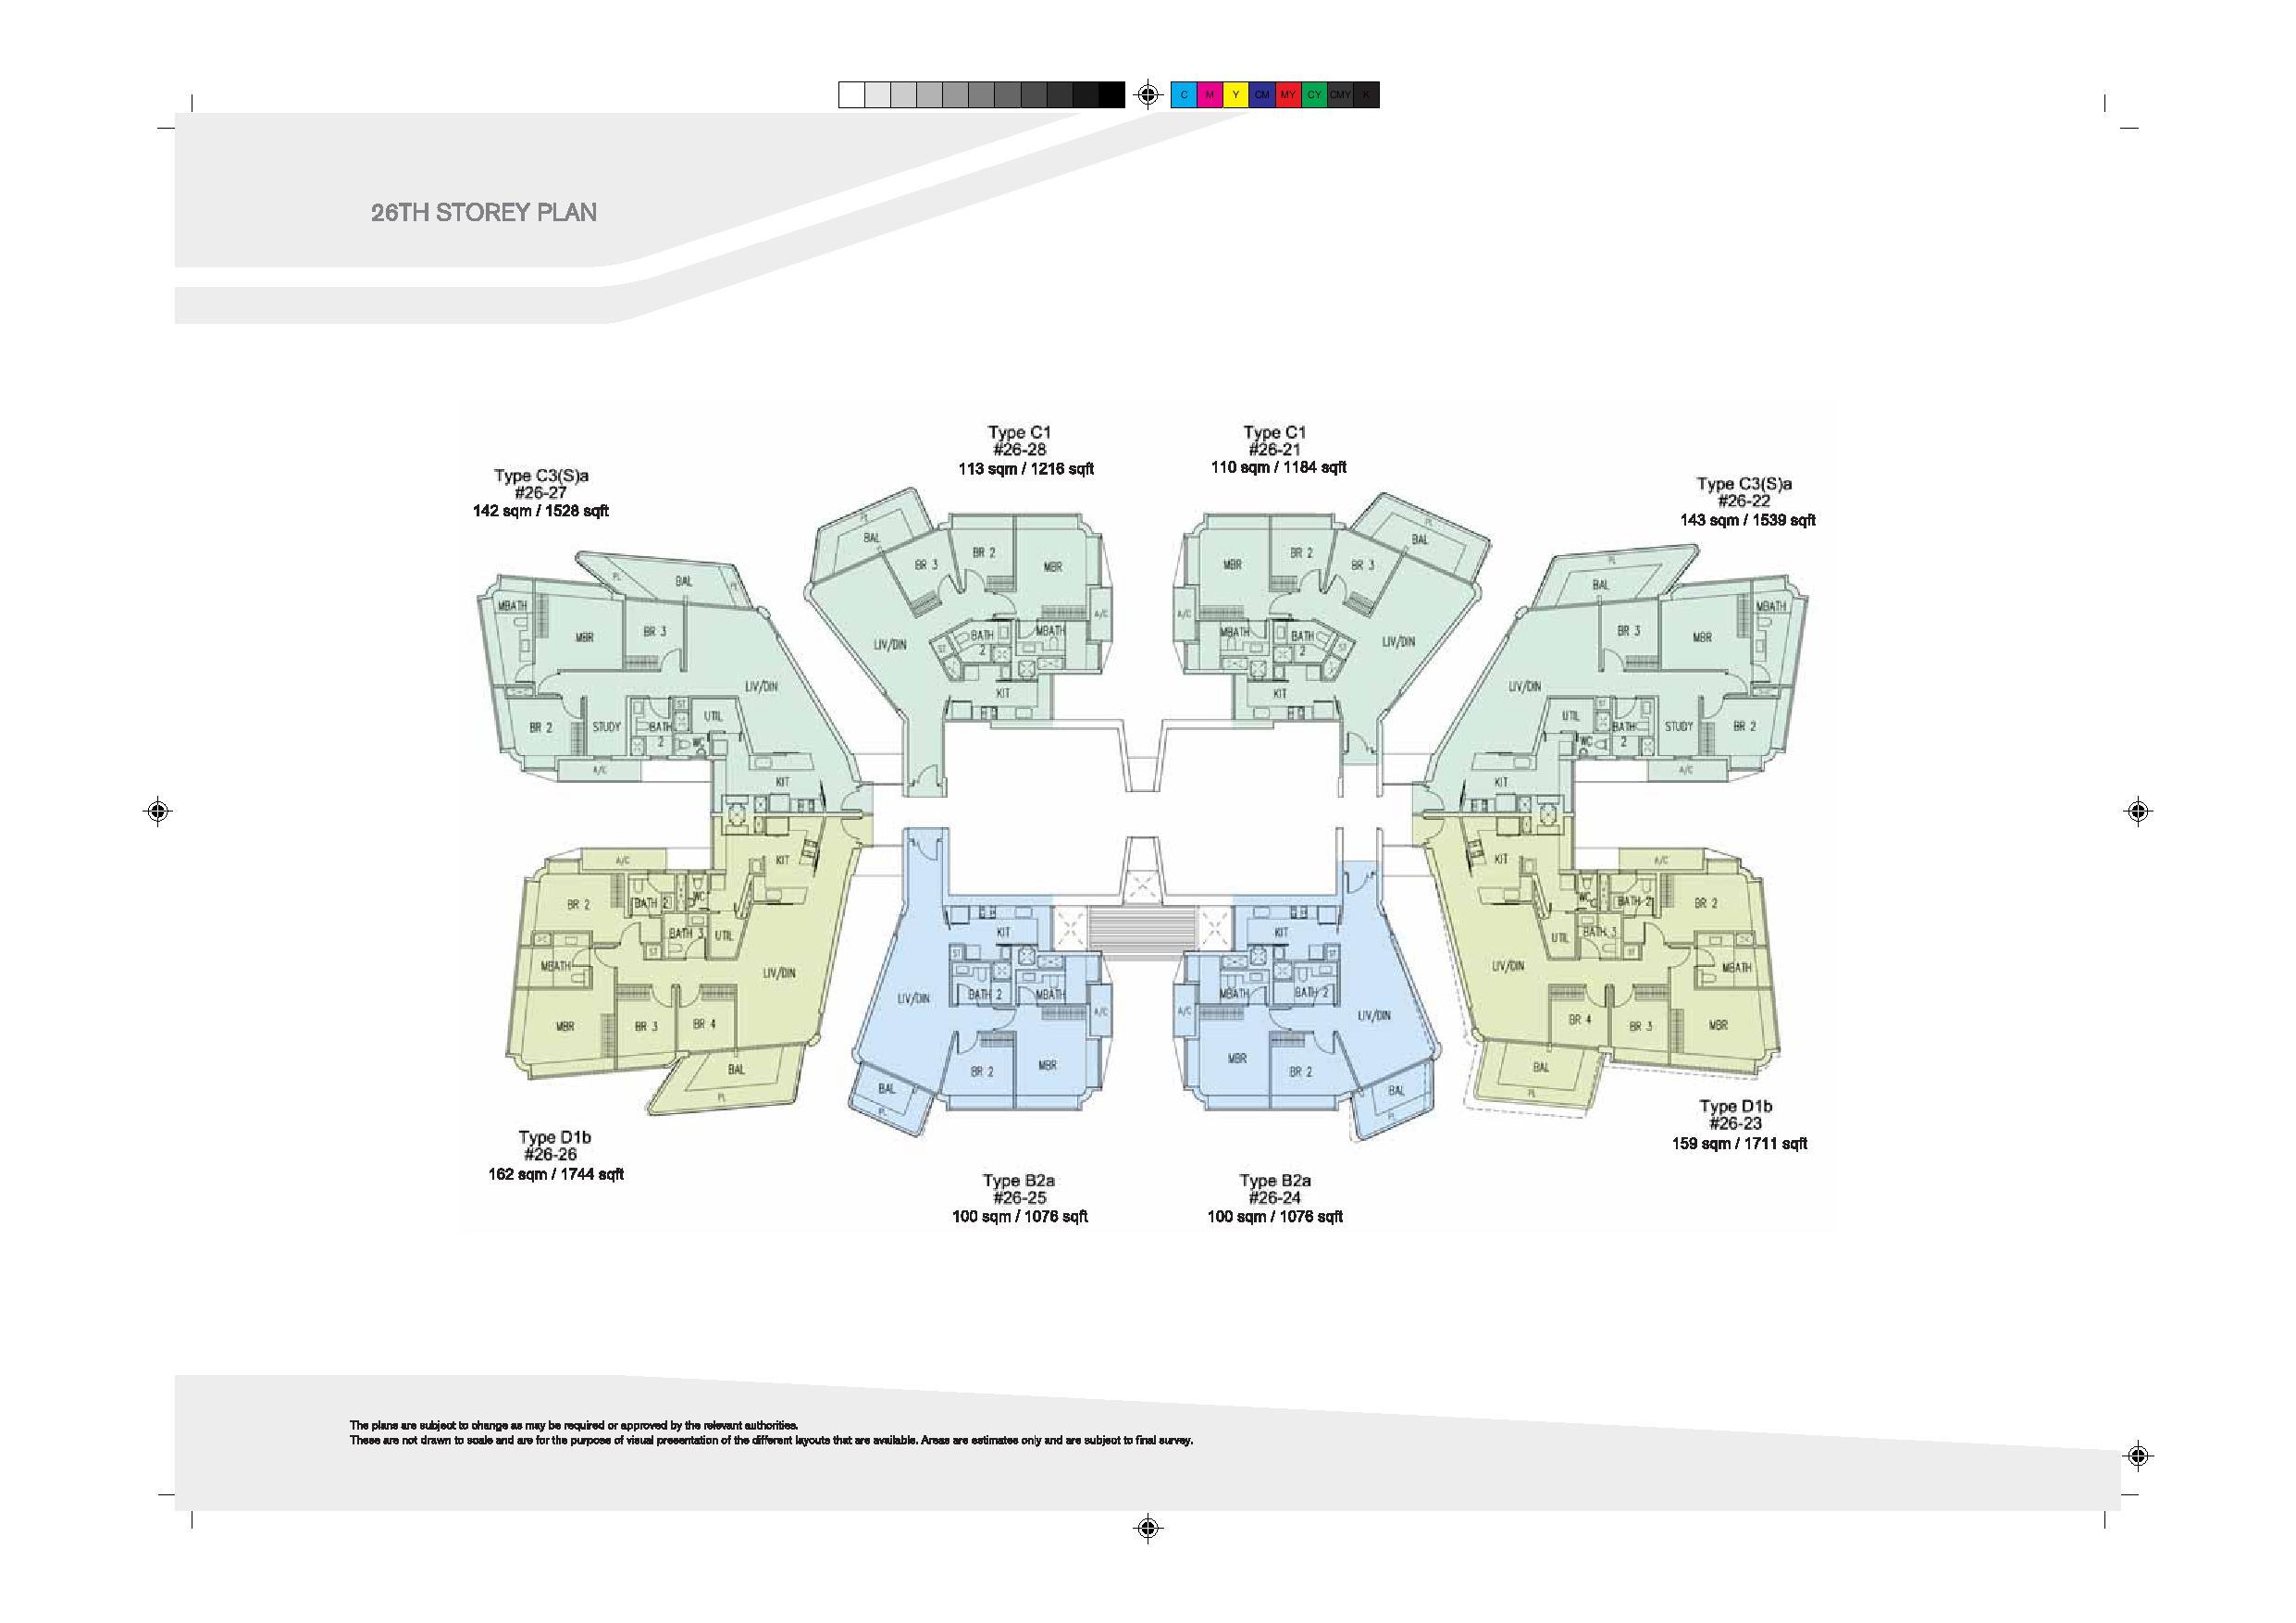 D'Leedon Block 9 26th Level Floor Plans